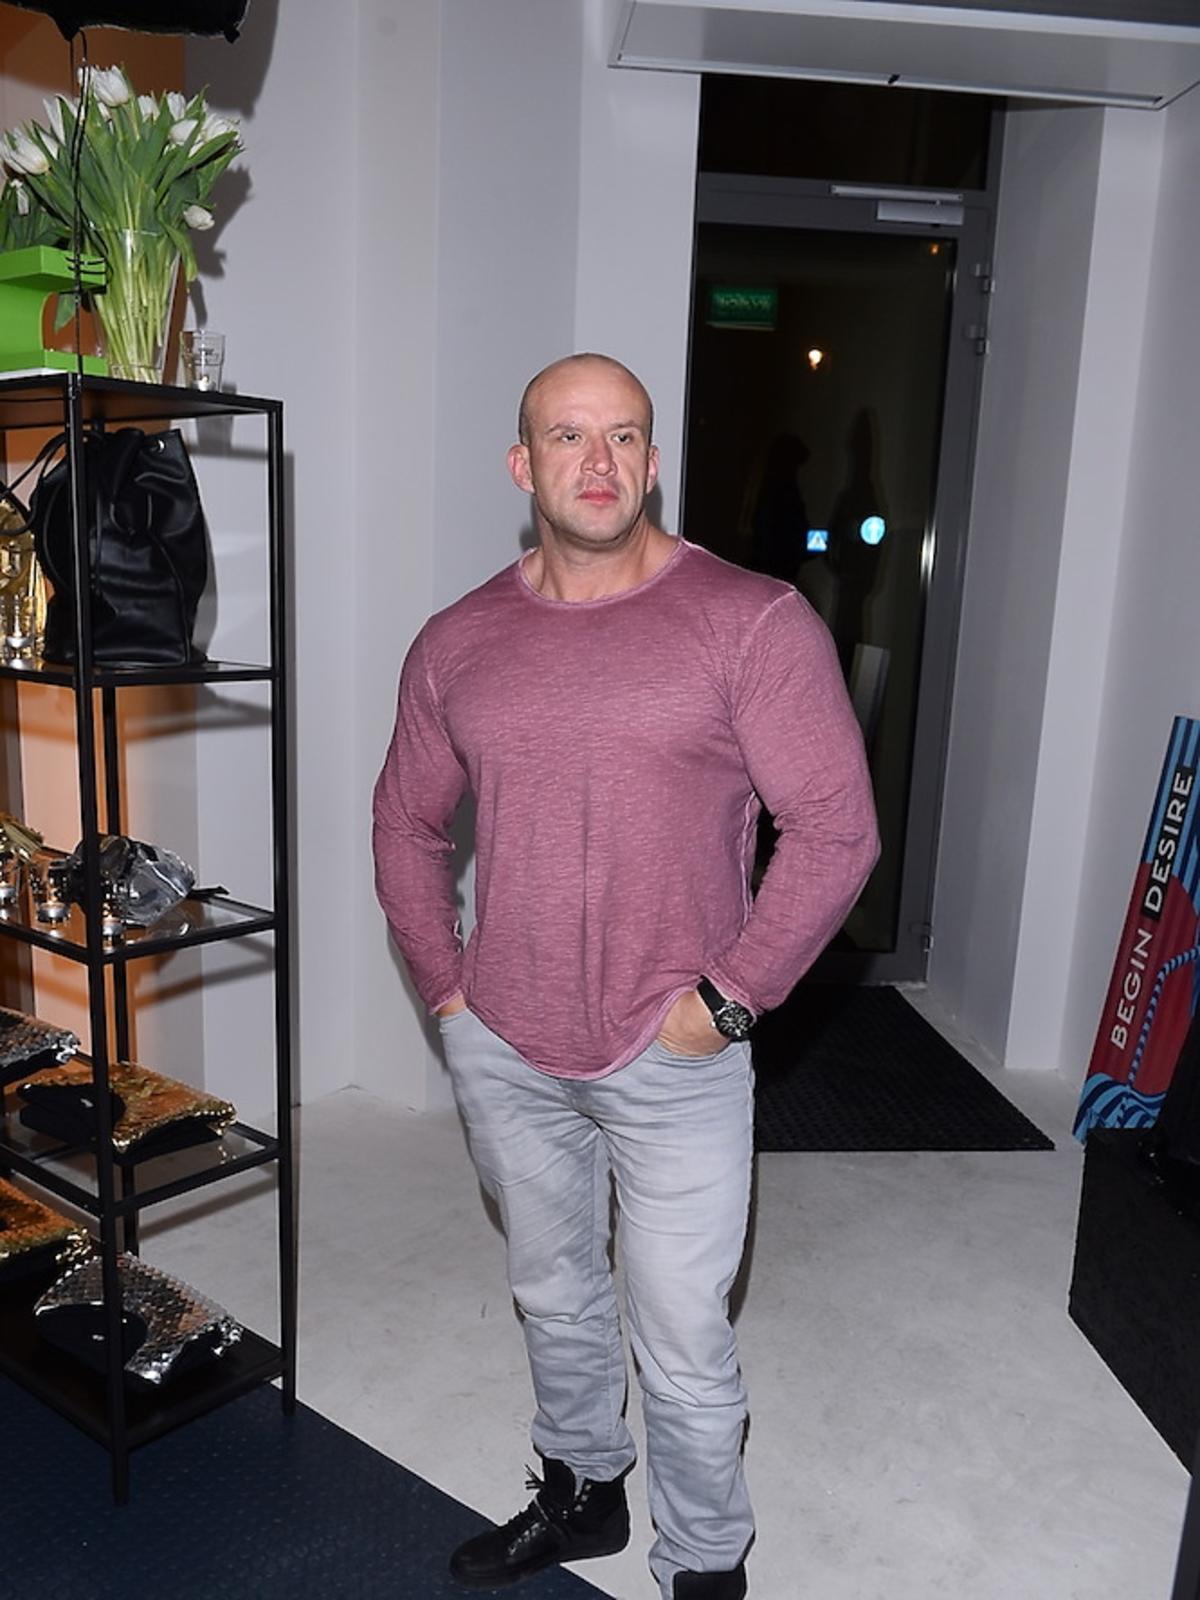 Tomasz Oświeciński w rózowej koszuli